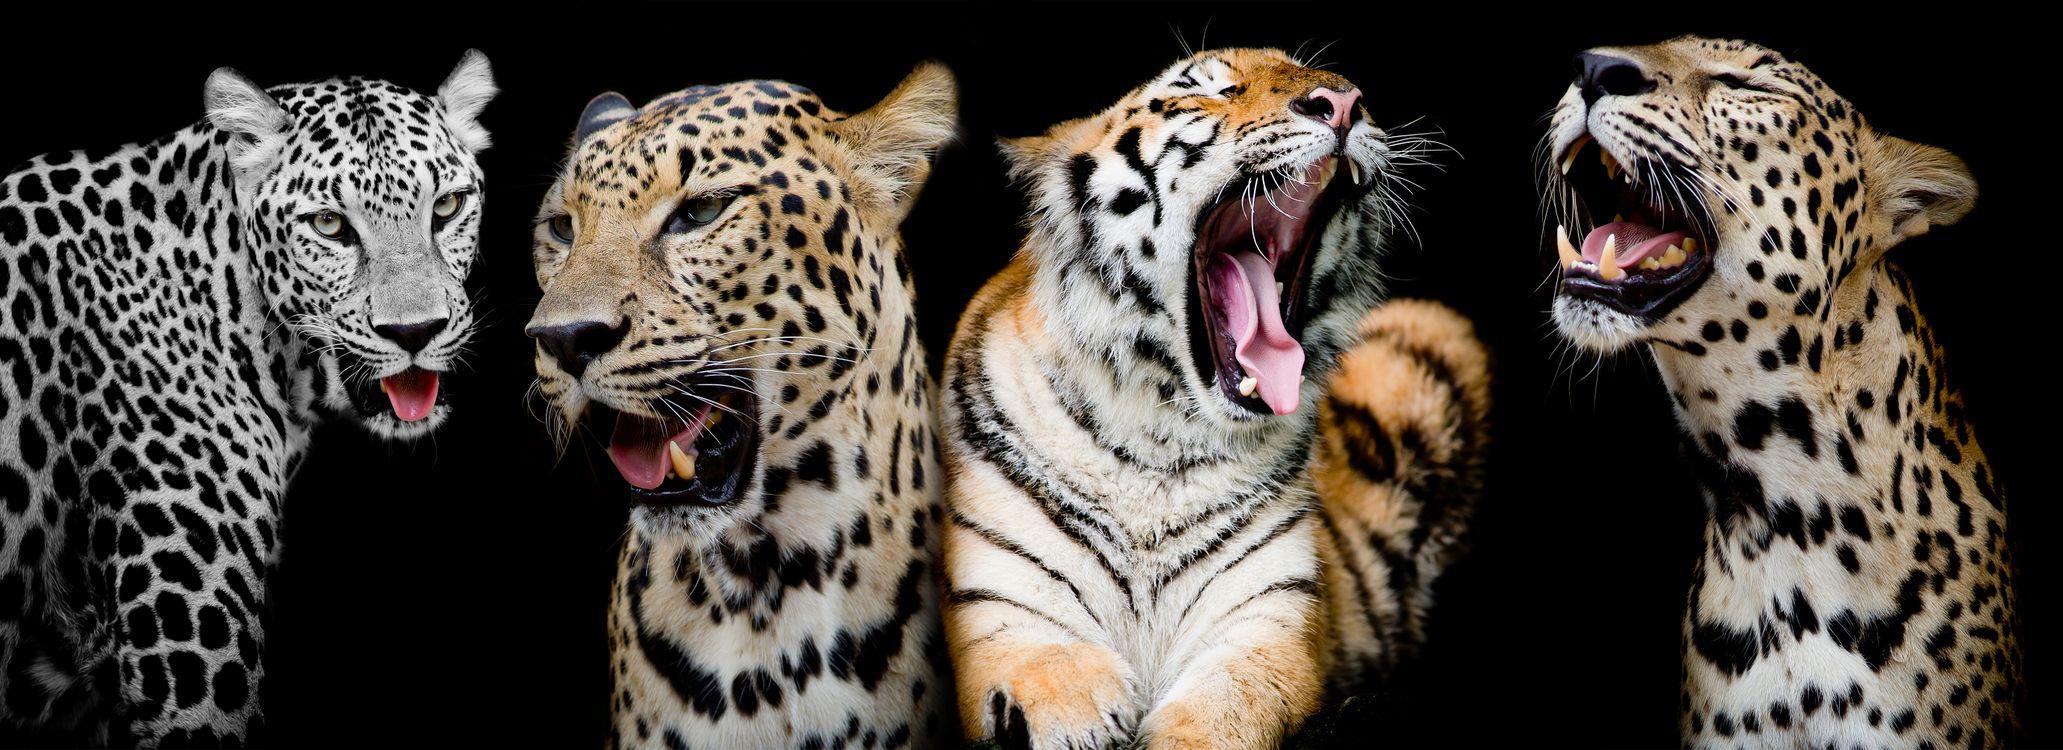 леопарды и тигр · бесплатная заставка